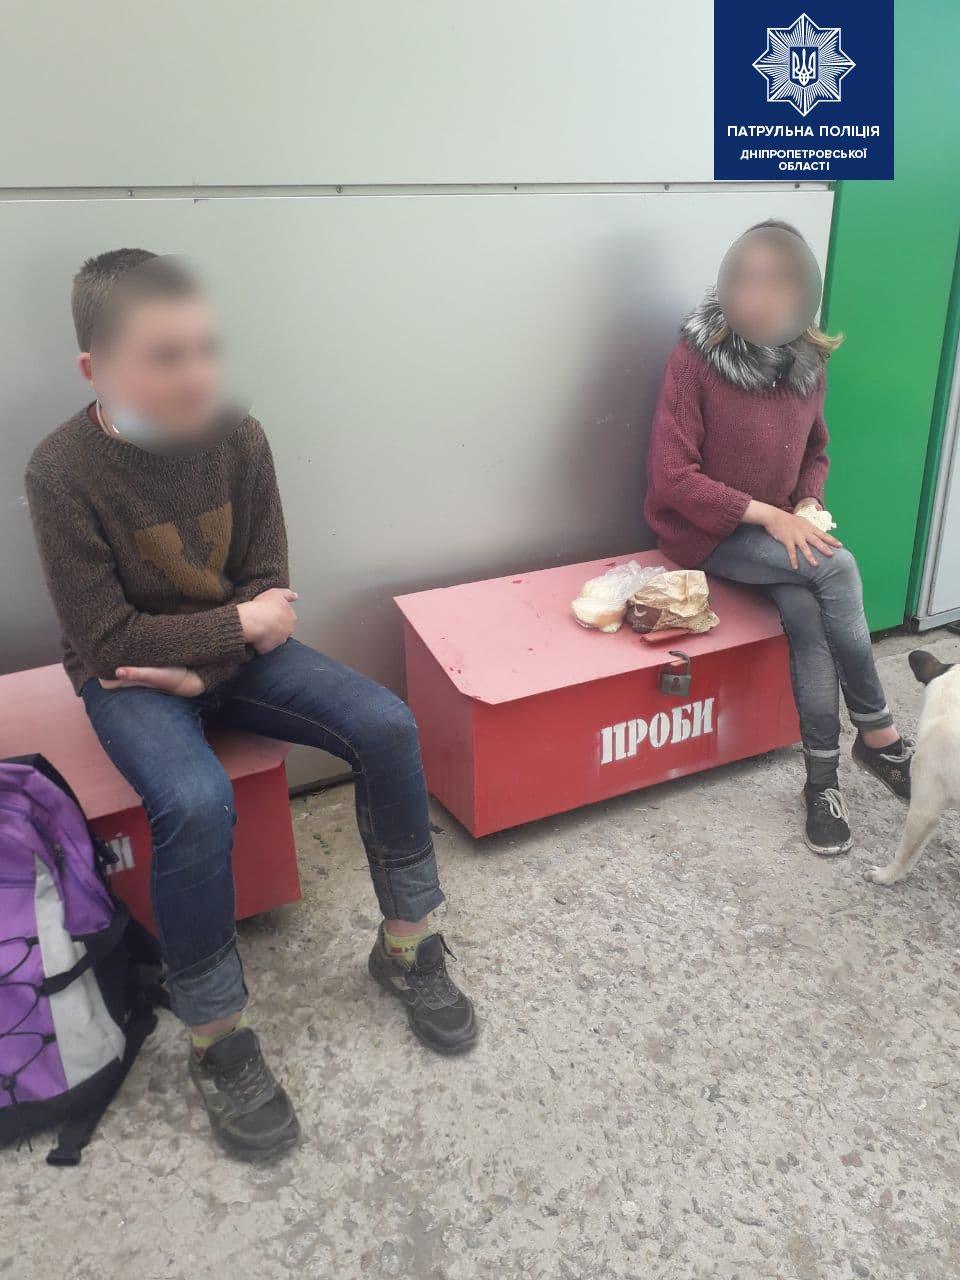 Двое детей пешком сбежали в Днепр из-за родителей-тиранов, фото-1